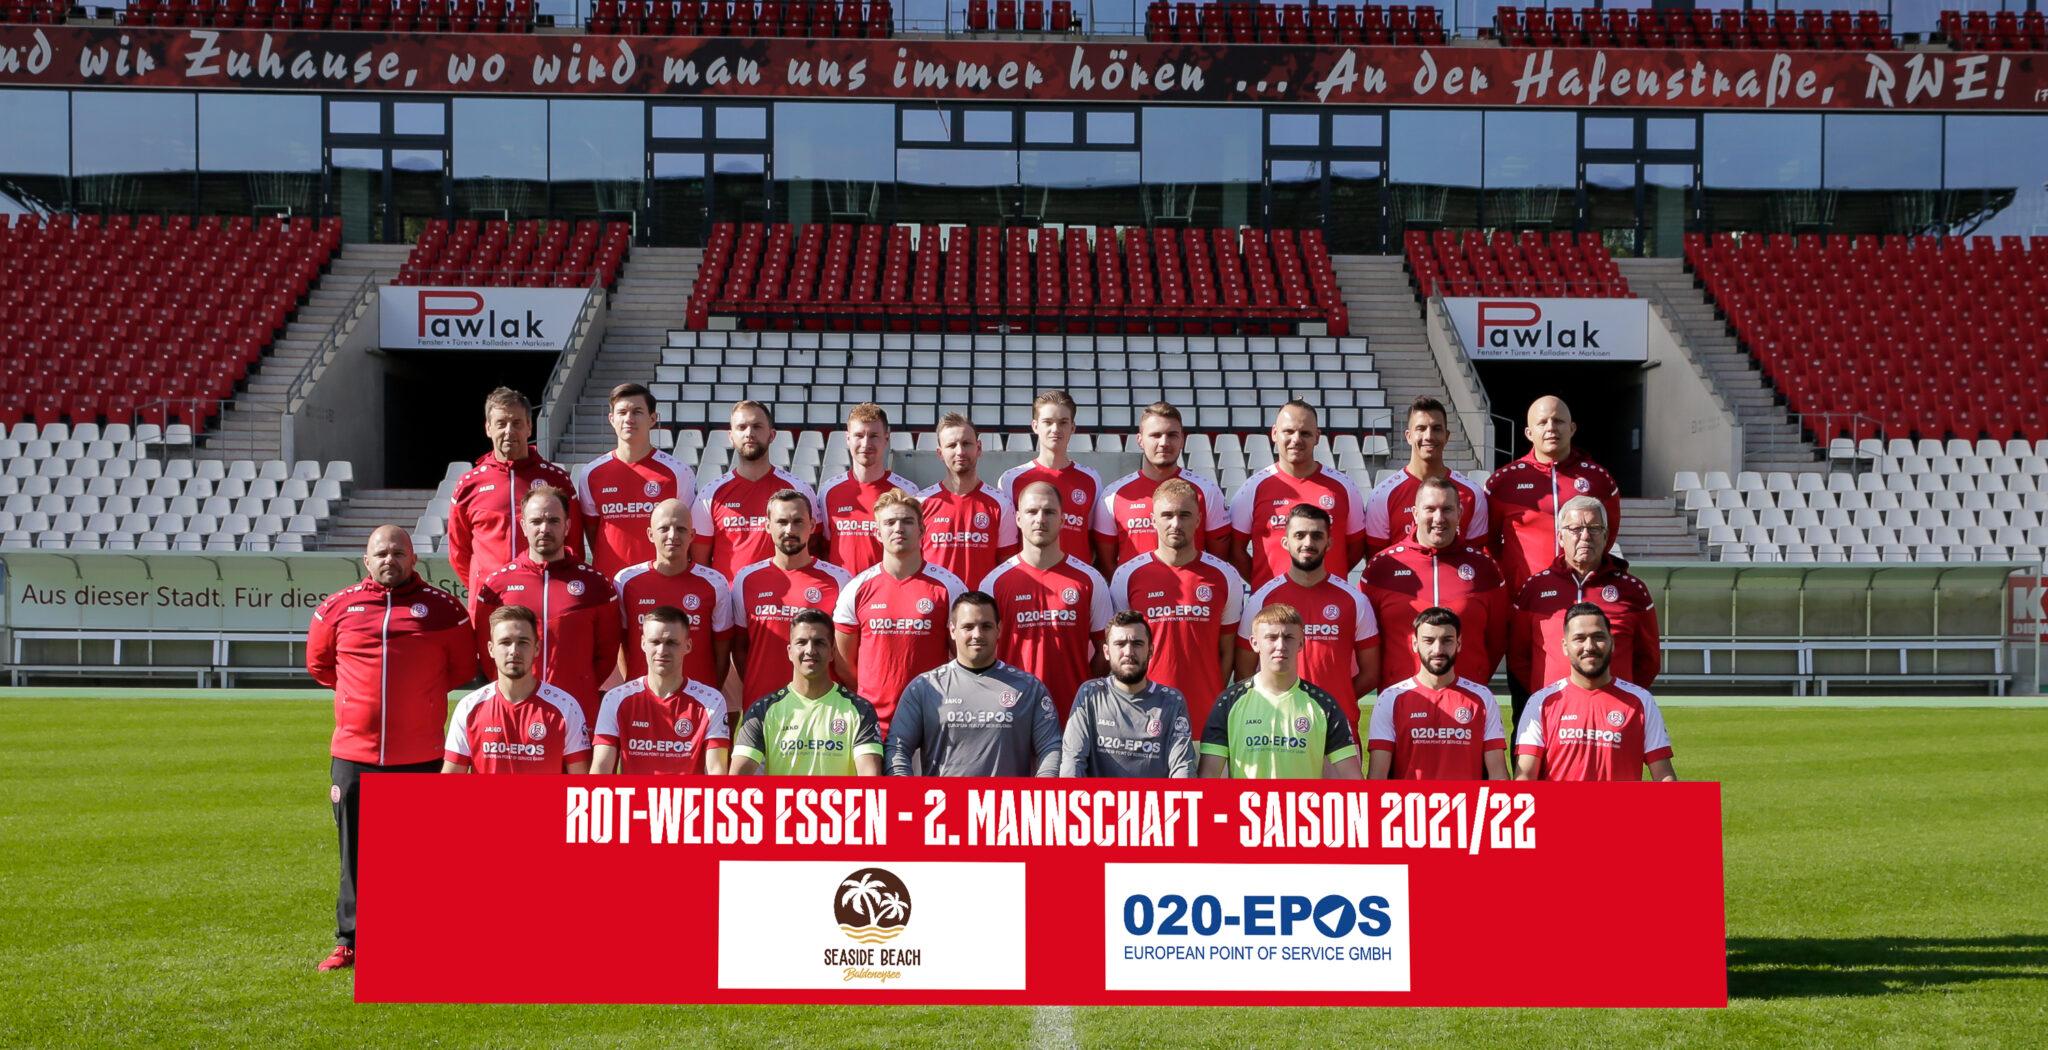 2. Mannschaft – Rot-Weiss Essen